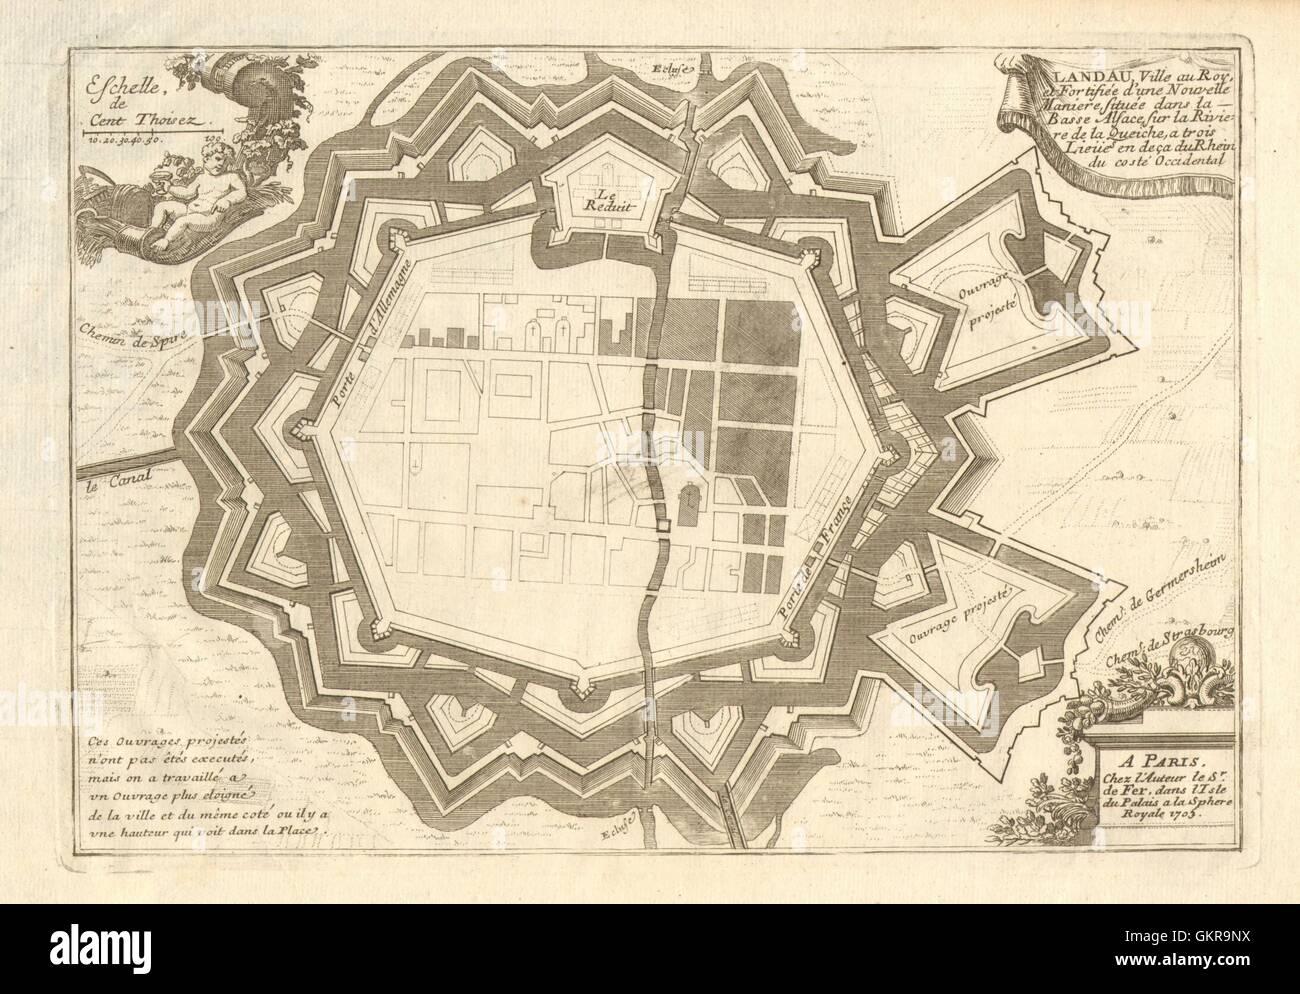 Landau Fortifed Town City Plan Rhineland Palatinate De Fer